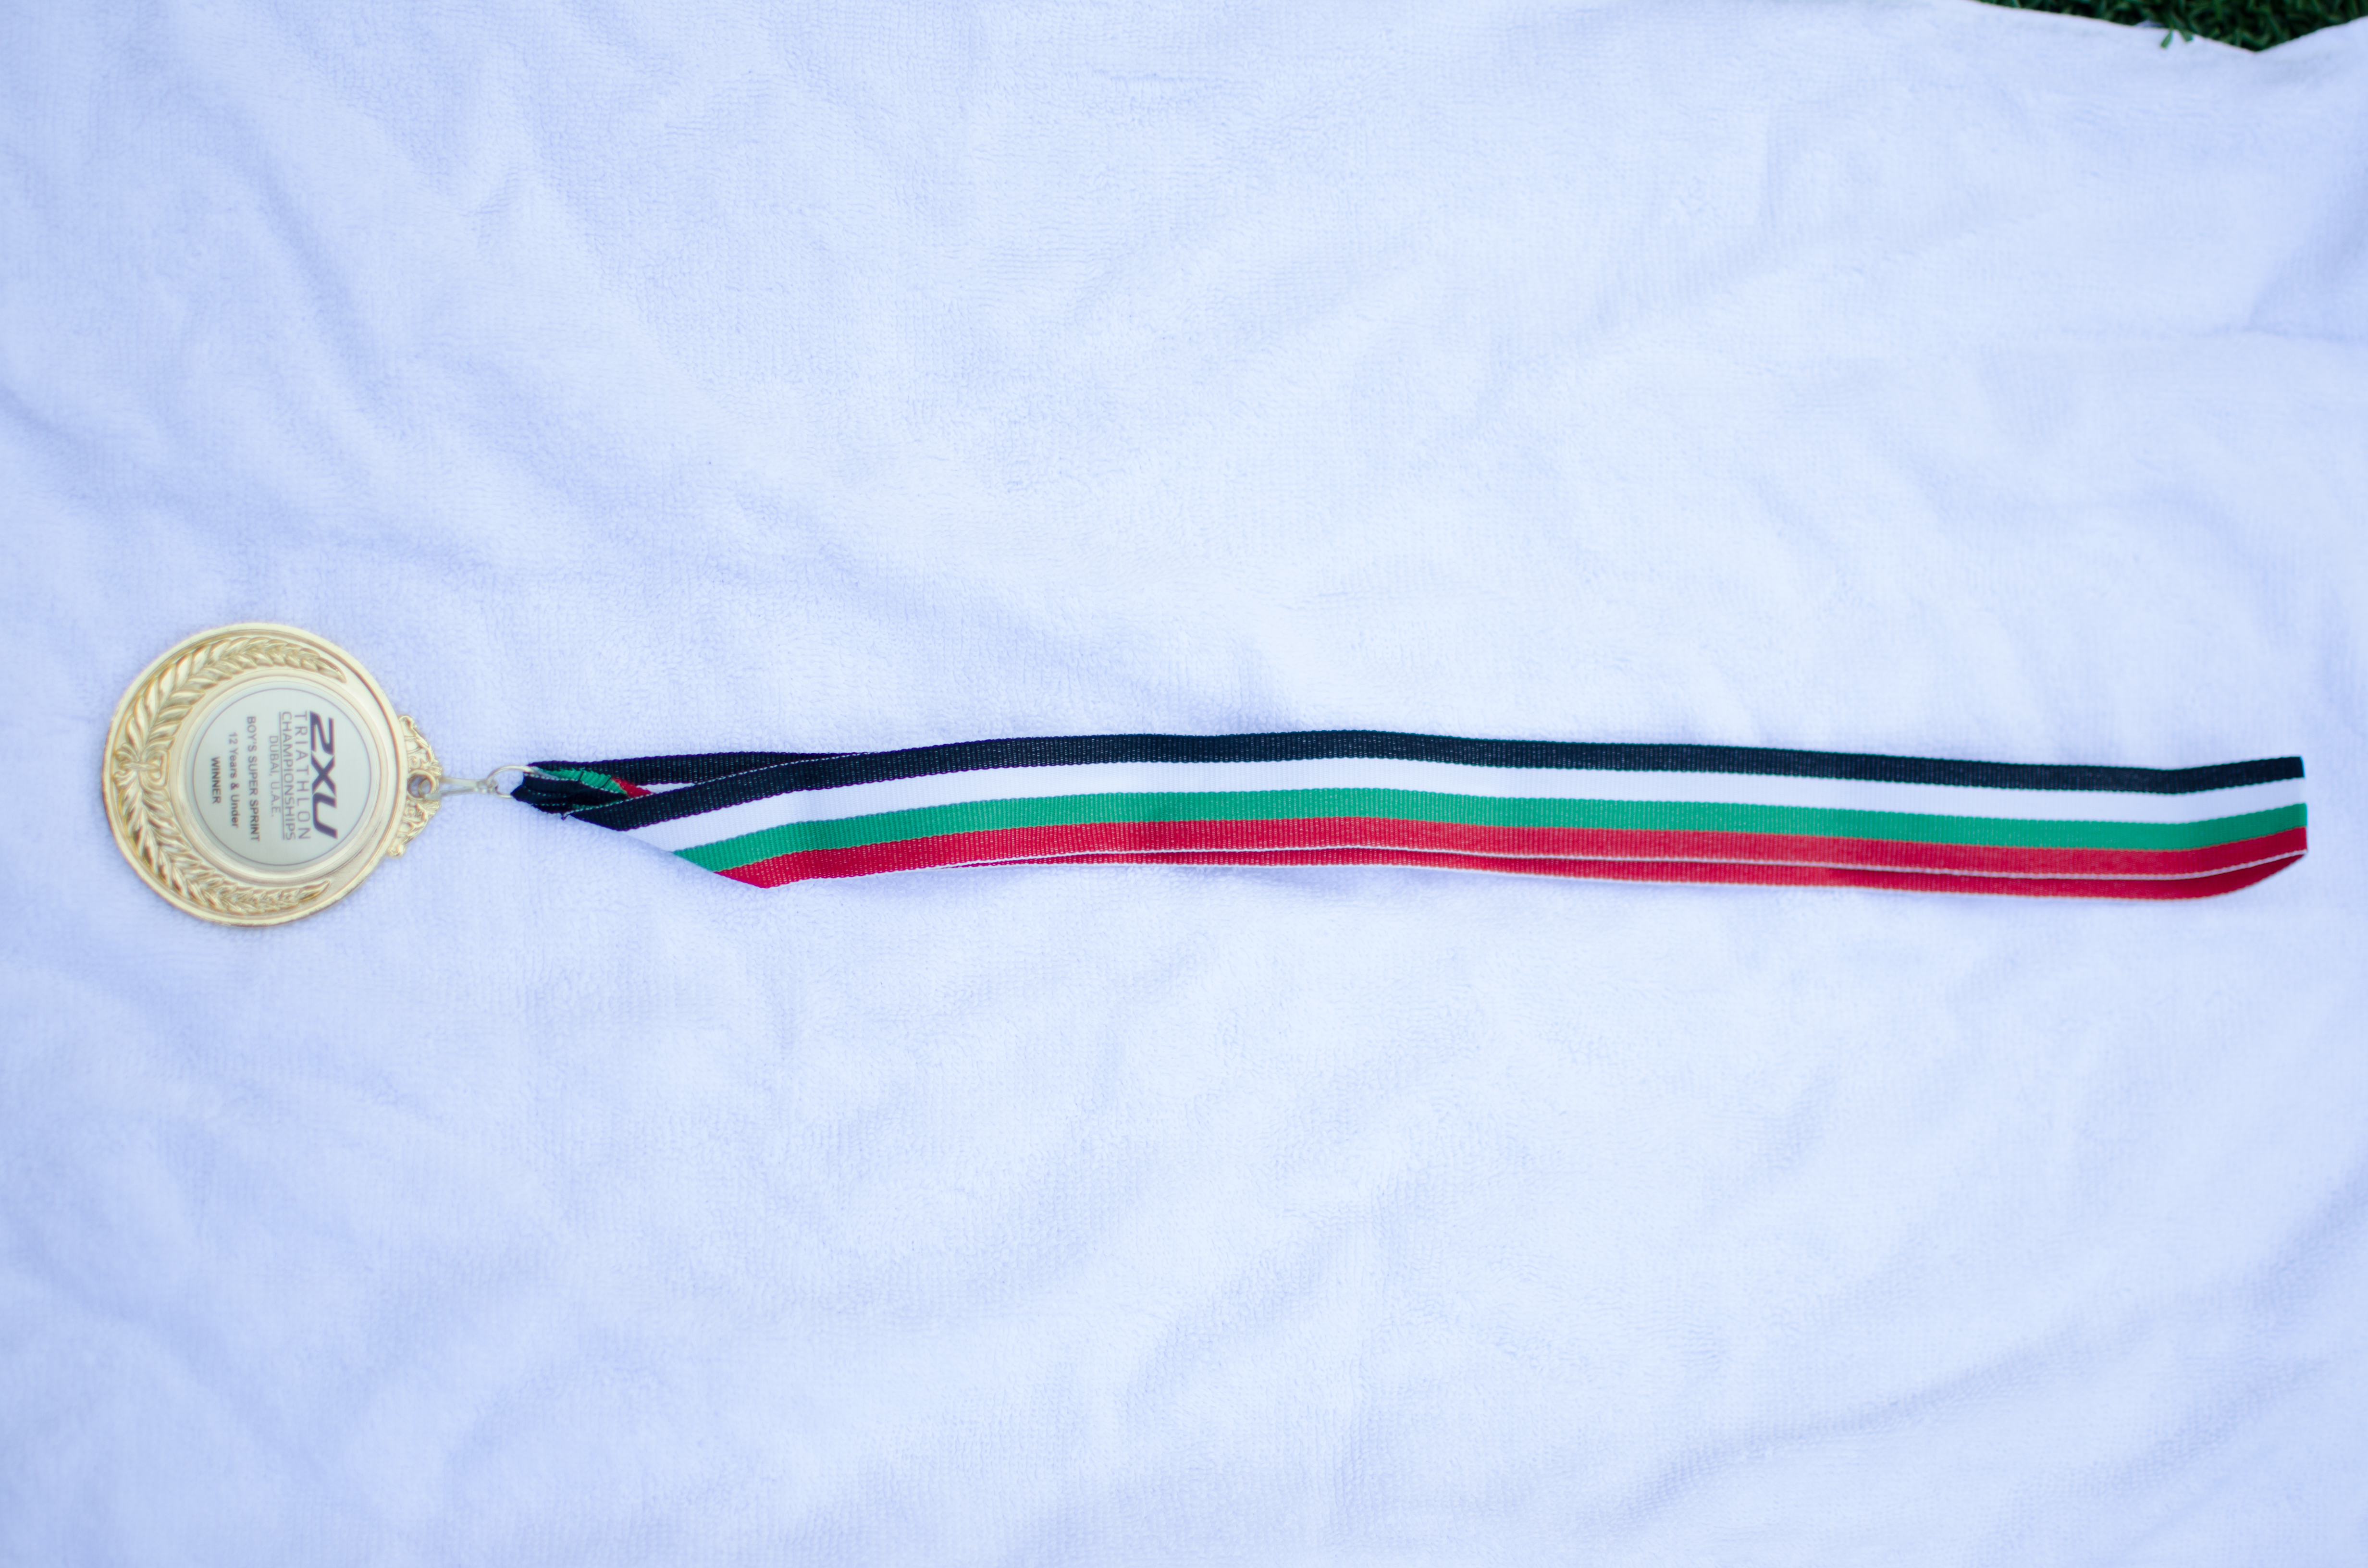 finshers medals 6 race merchandise